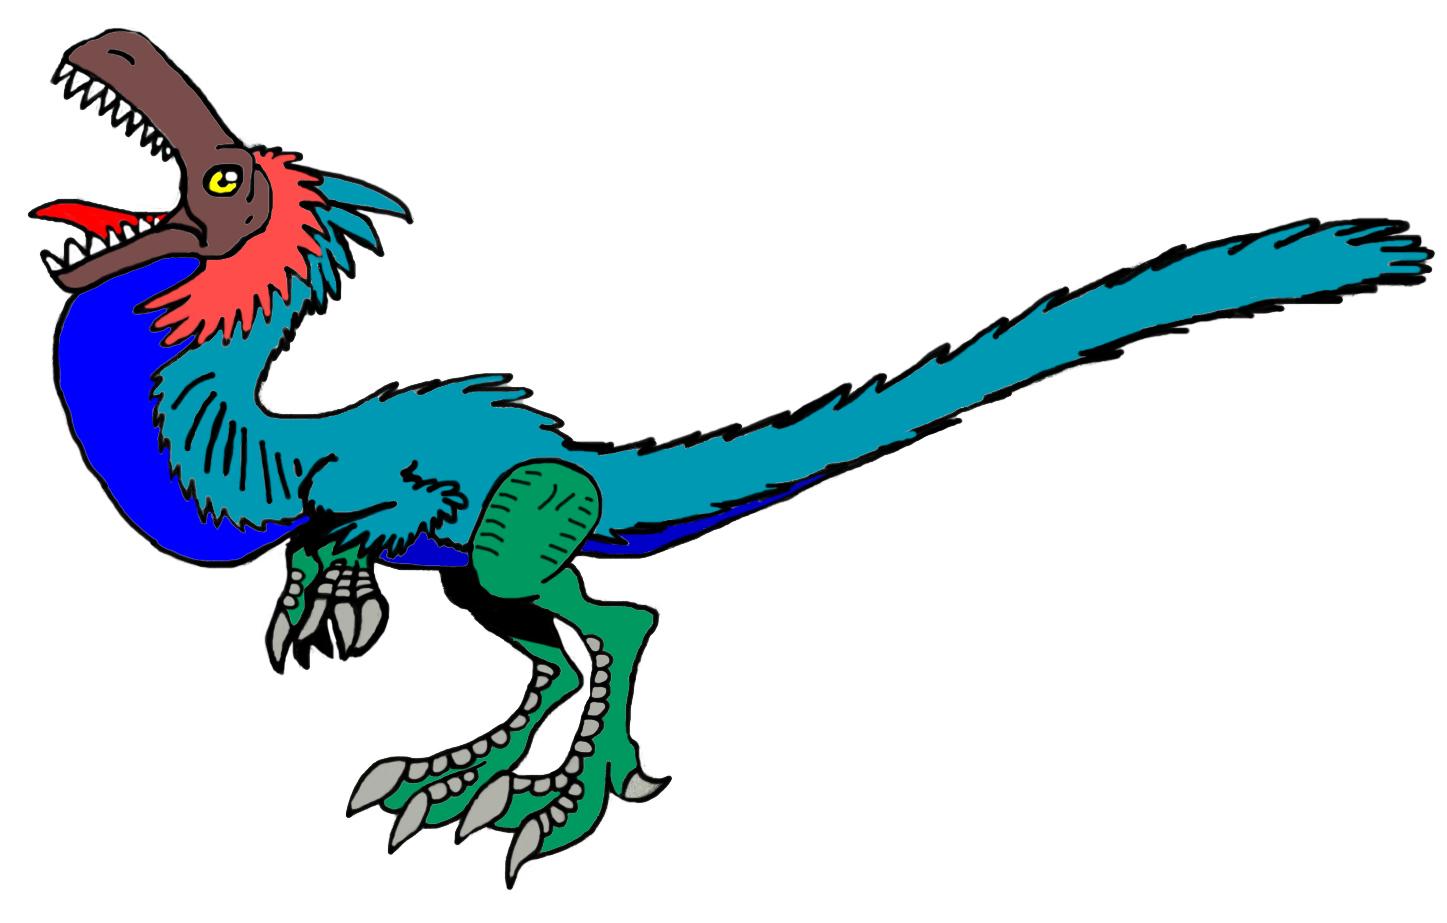 All Yesterday's work: Courtship Segisaurus by DinoBirdMan